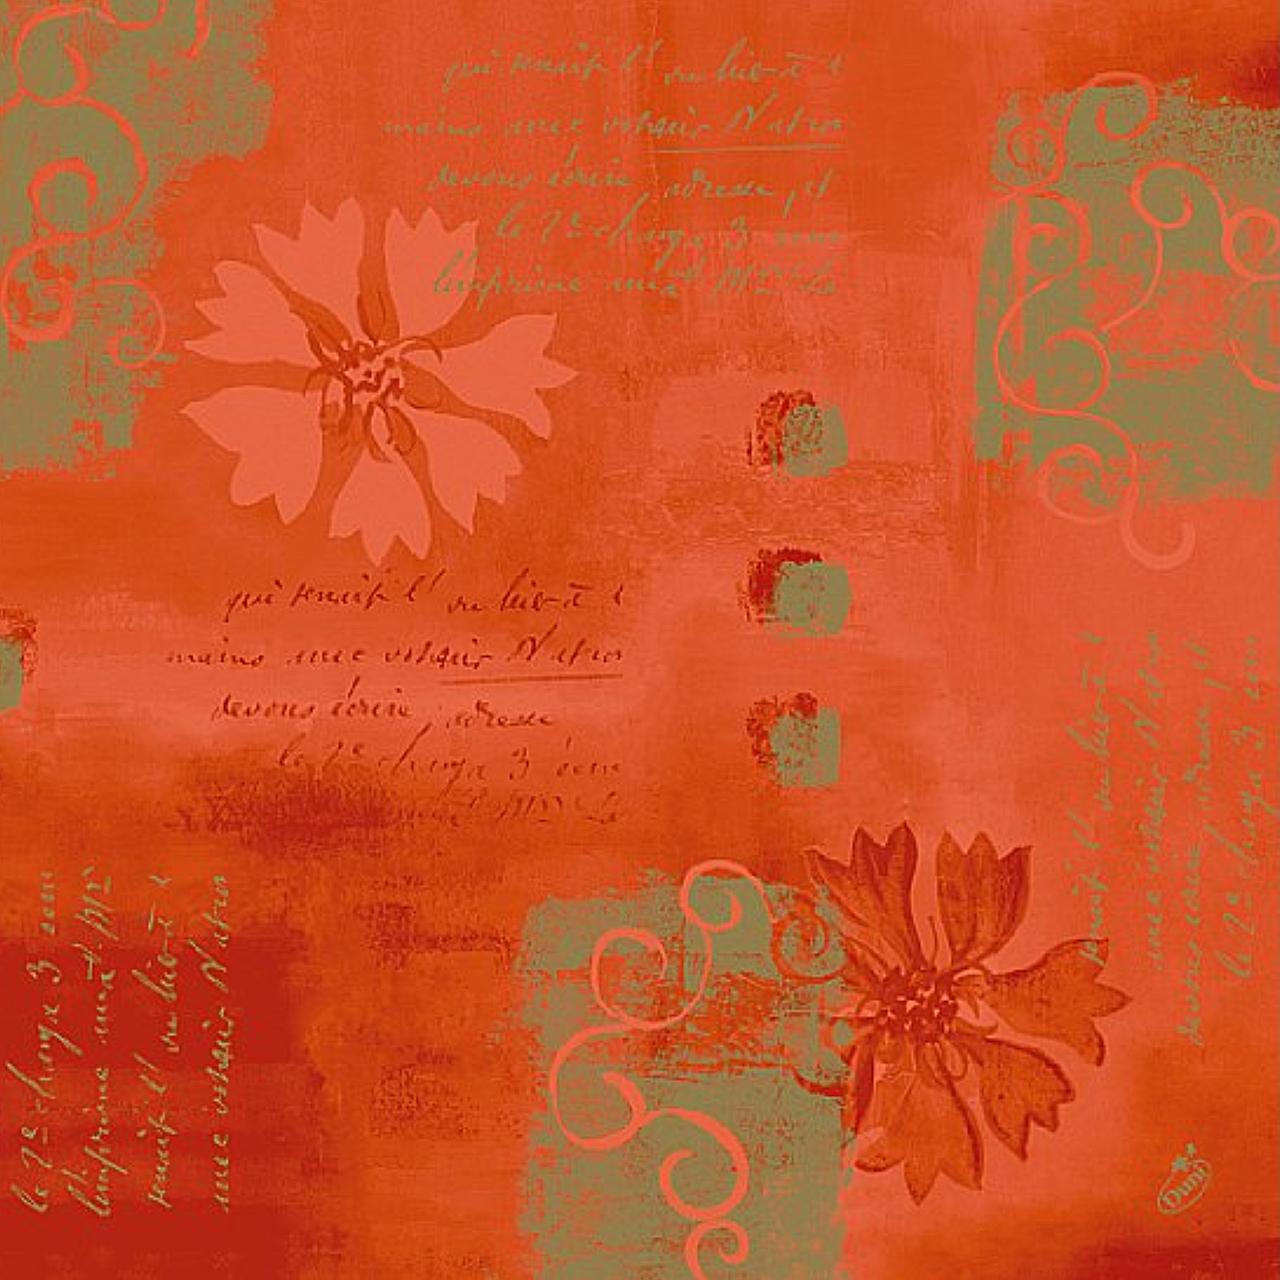 Servetele decorative Salento din hartie portocalie cu flori 40 cm chicville 2021